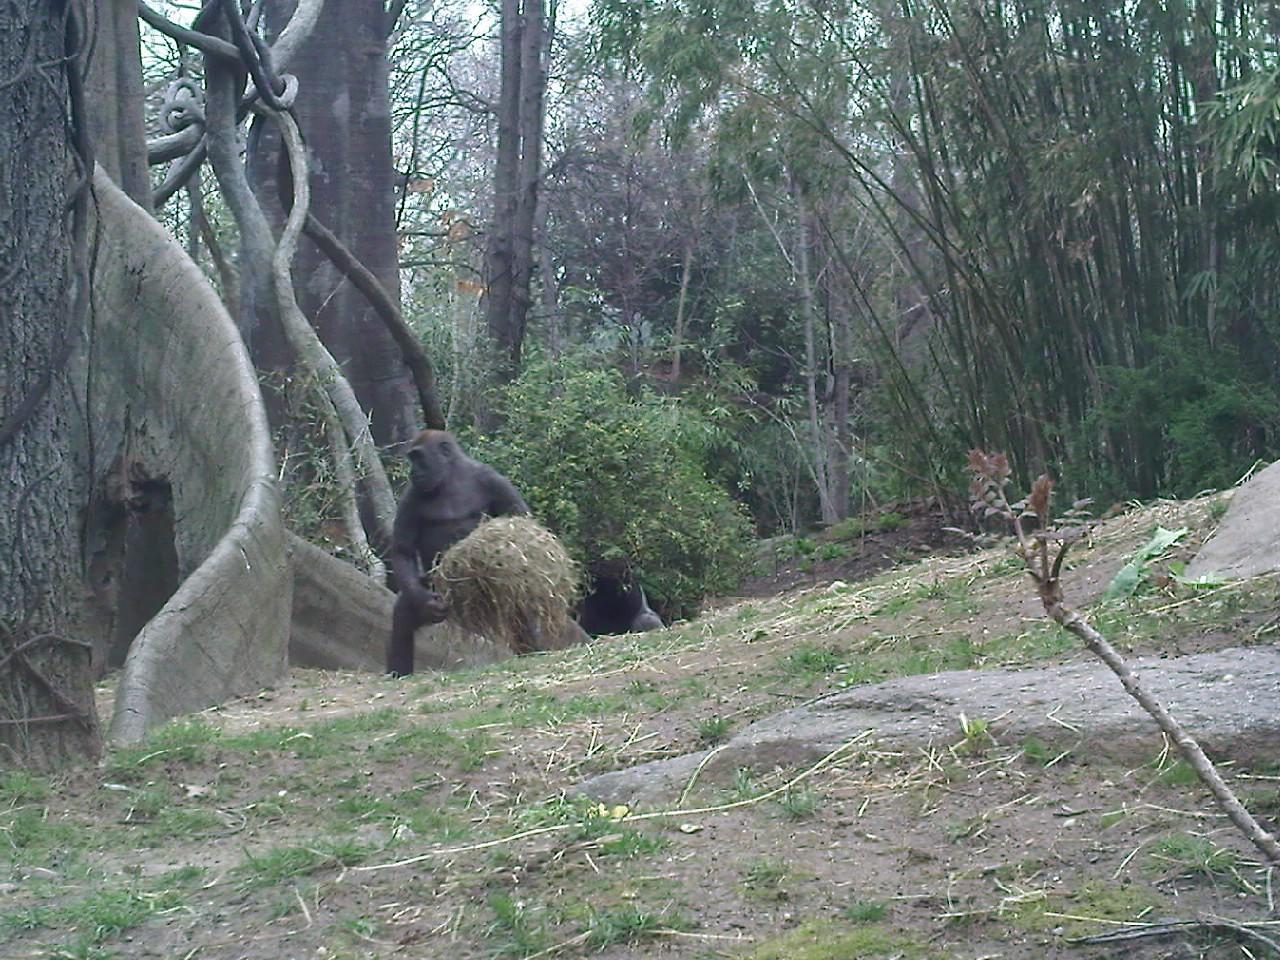 布朗克斯动物园 (bronx zoo)